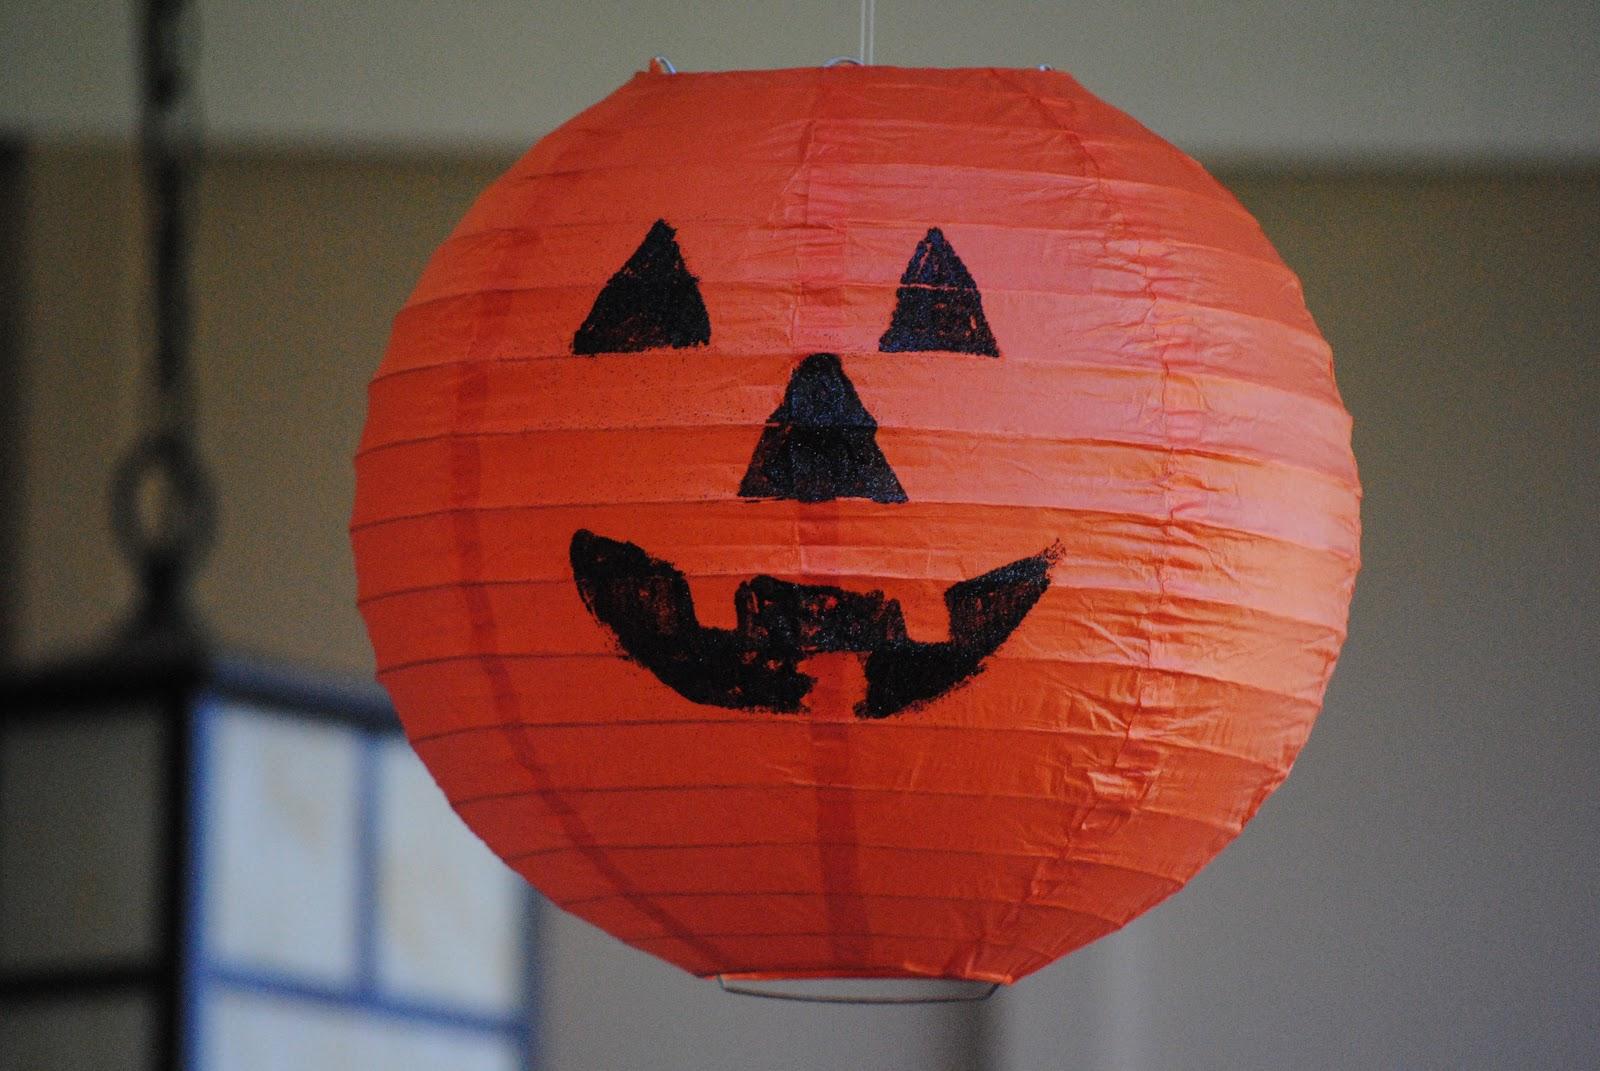 Gorgeous glowing diy halloween lanterns rhythms of play - Make hanging lanterns ...